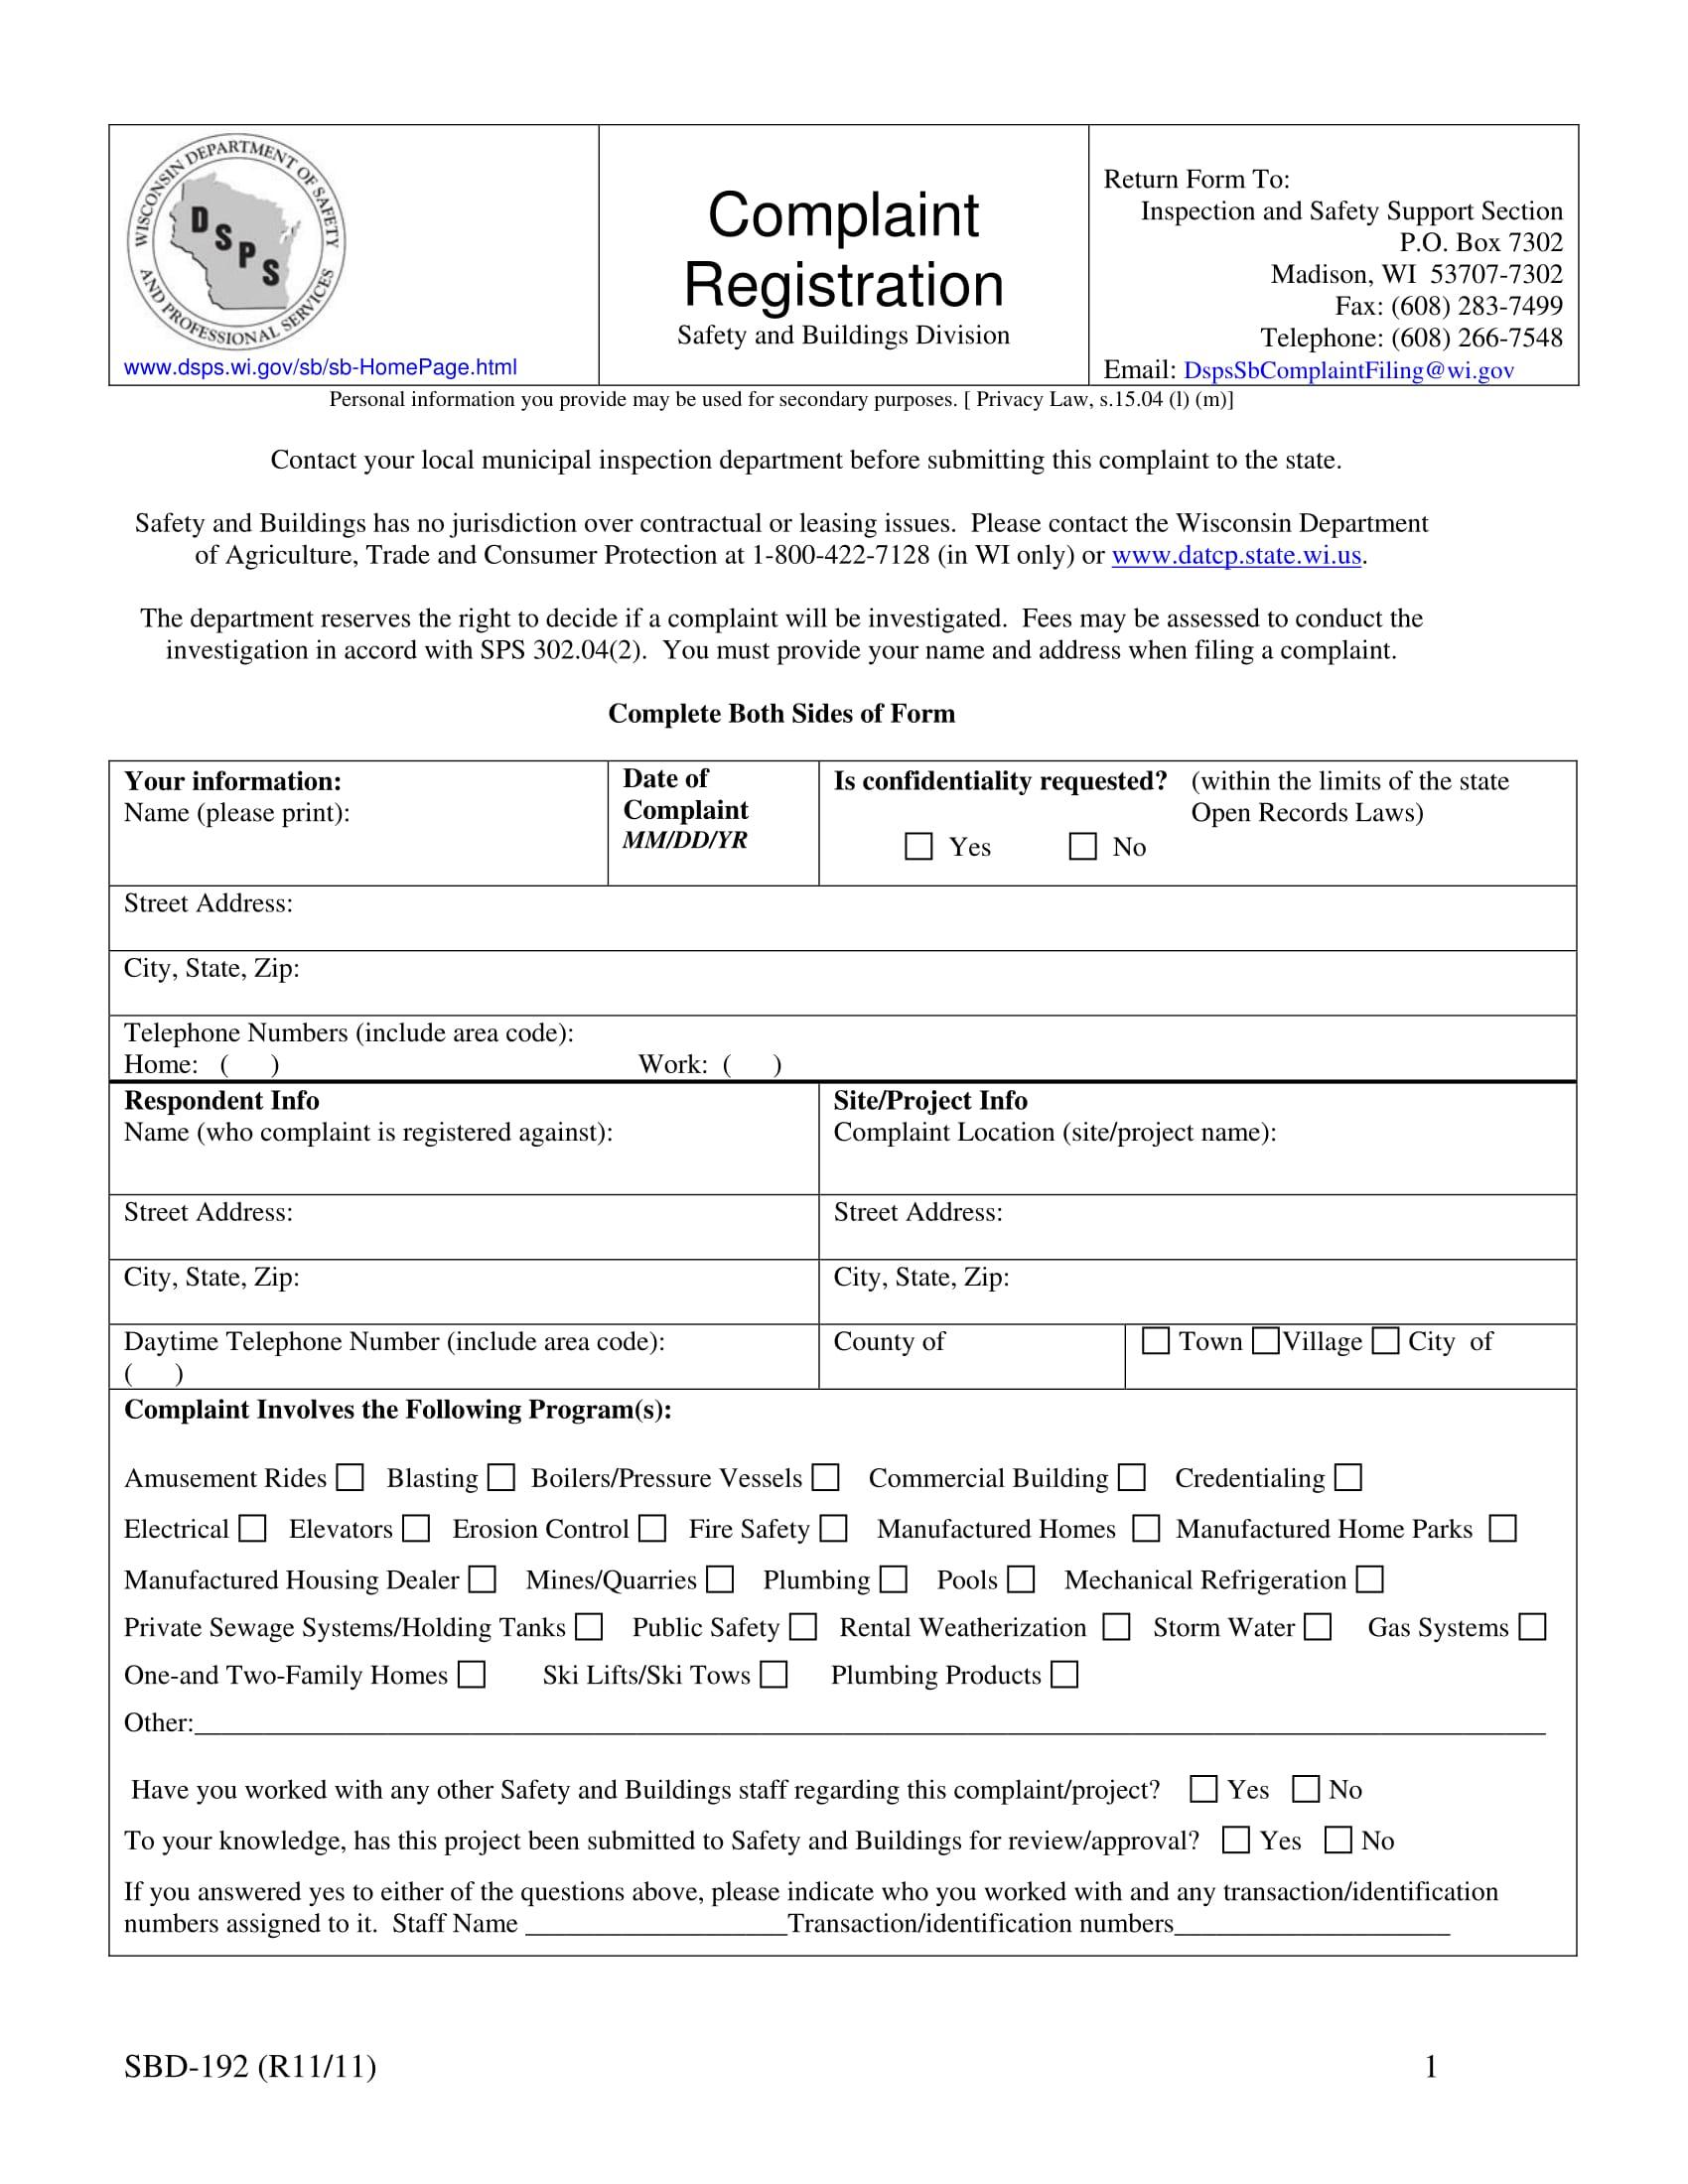 complaint register form sample 1